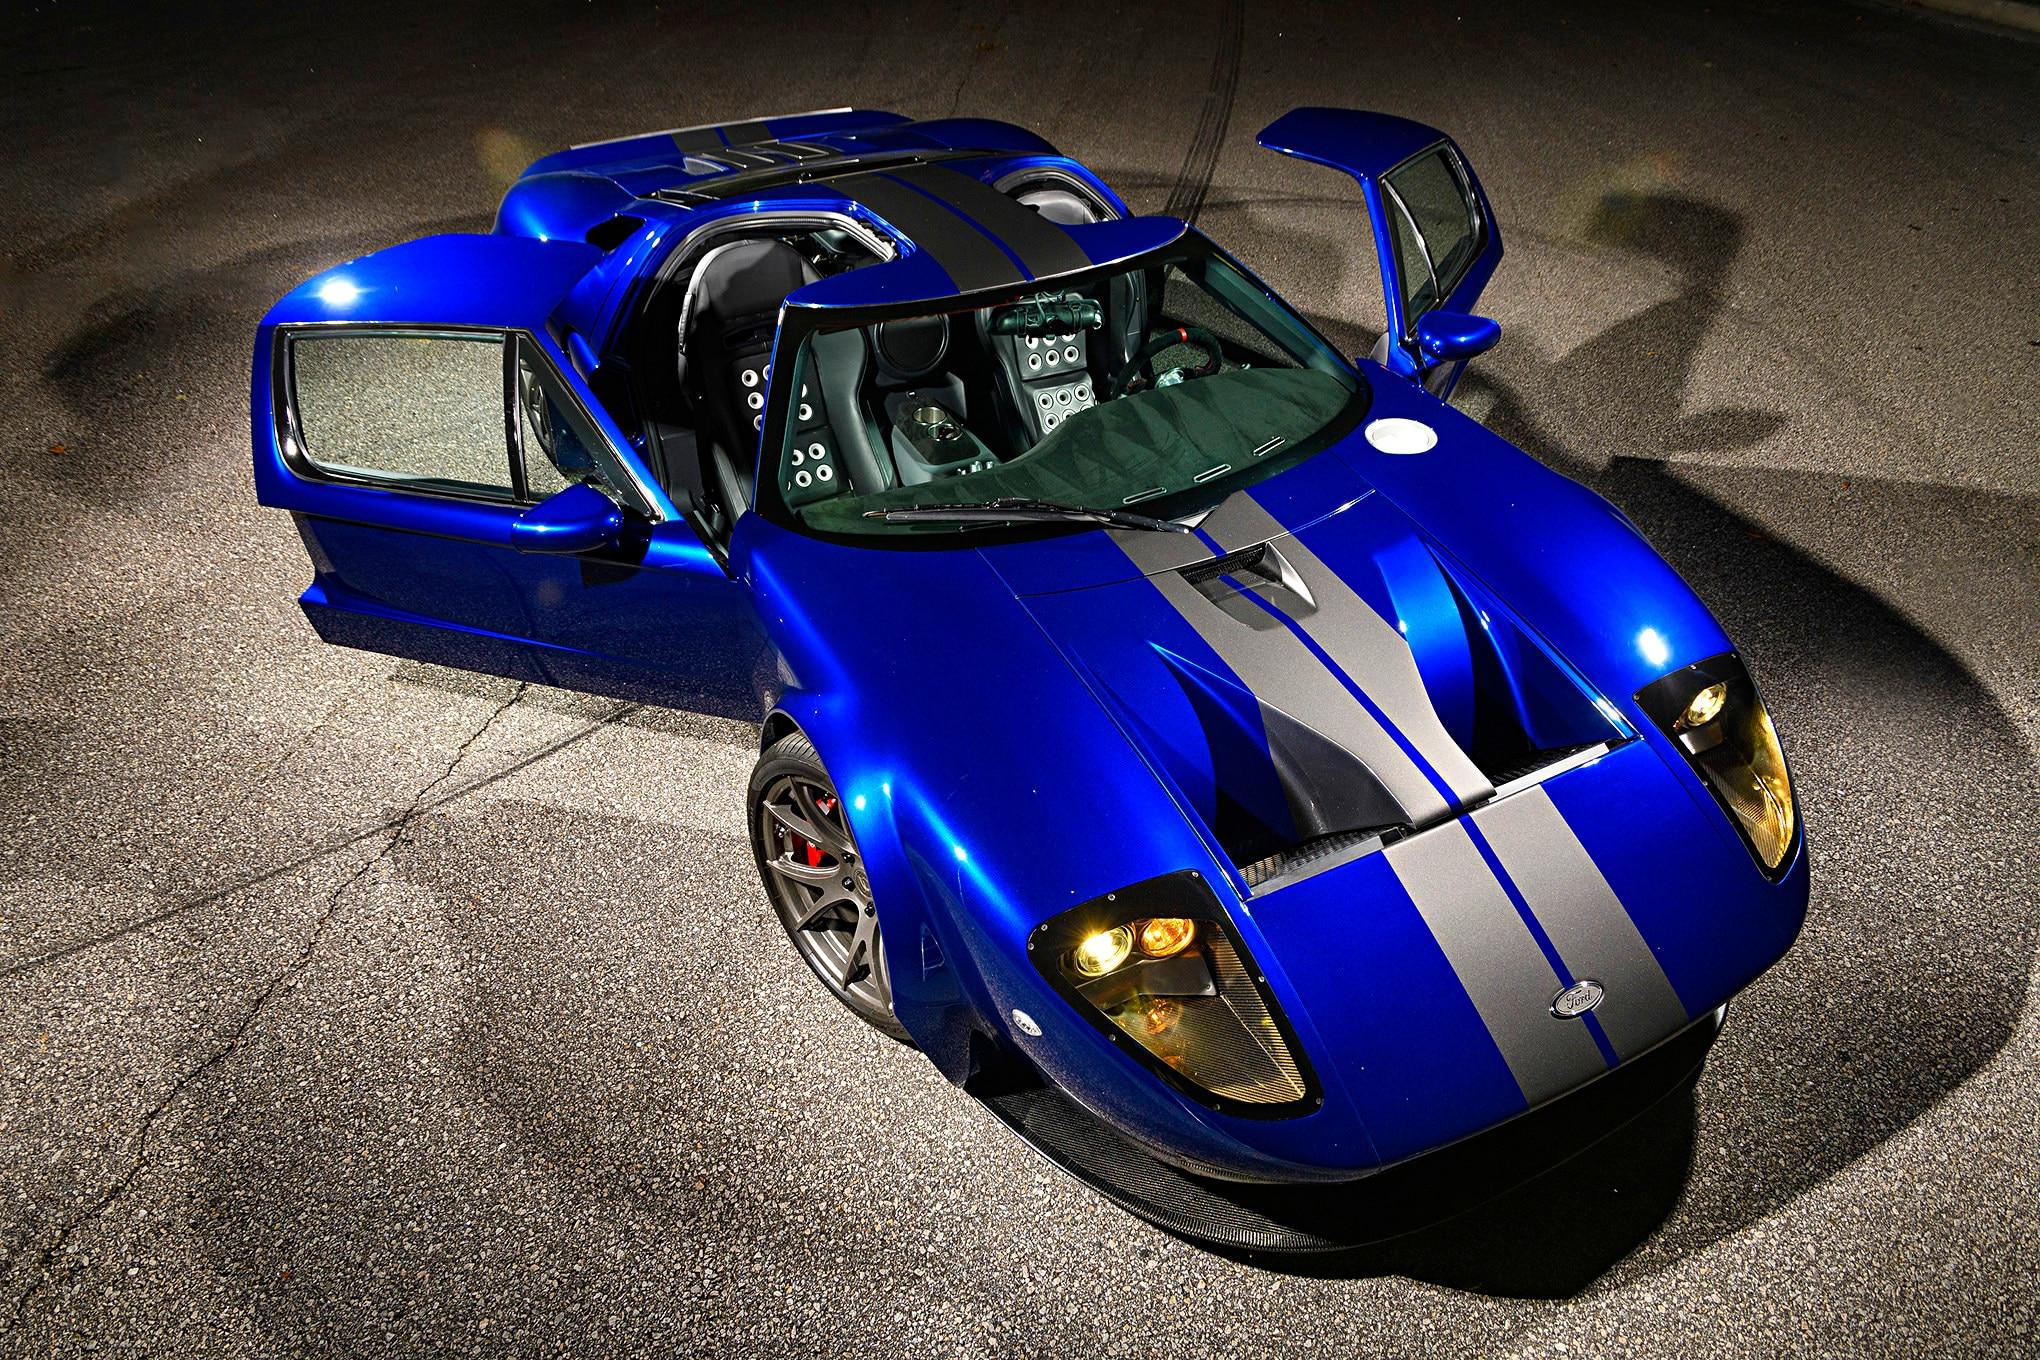 042-Superlite-GT-R-doors-open.jpg